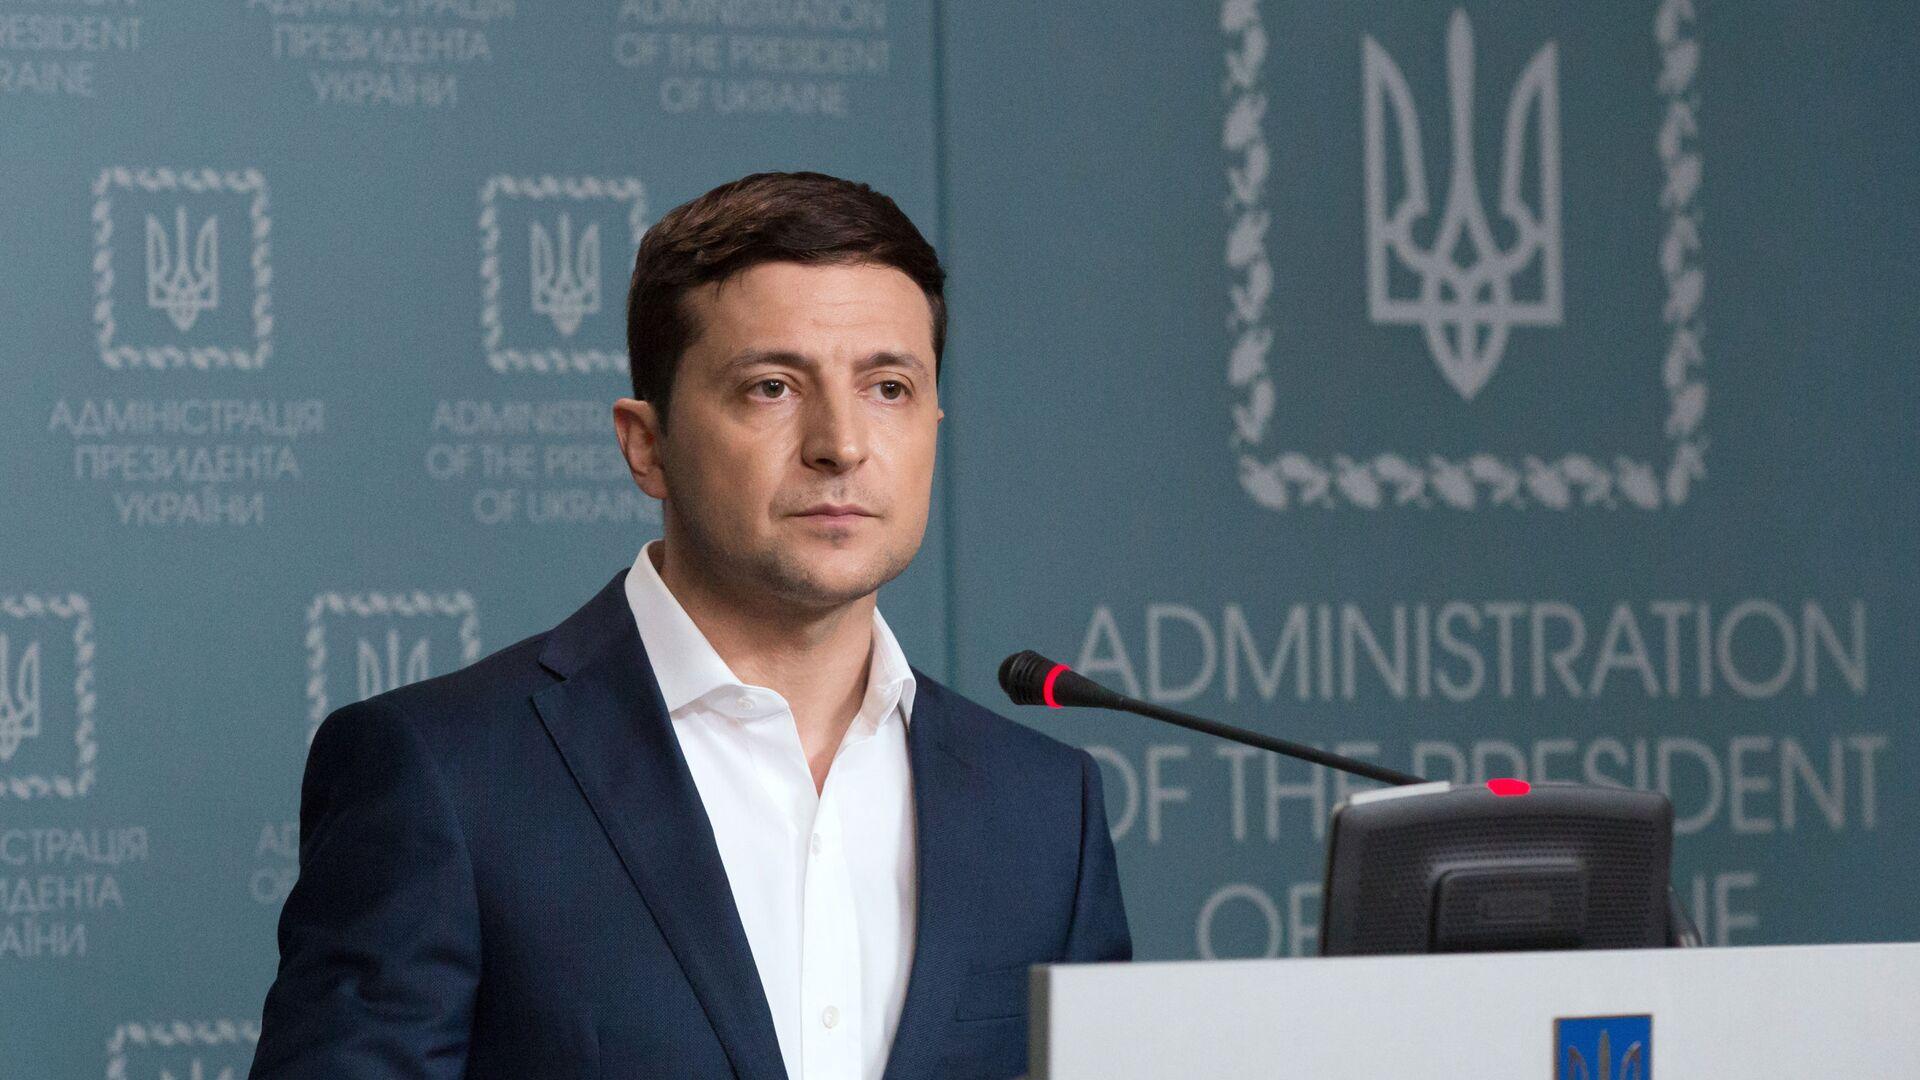 Ukrajinský prezident Volodymyr Zelenskyj v Kyjevě - Sputnik Česká republika, 1920, 01.02.2021